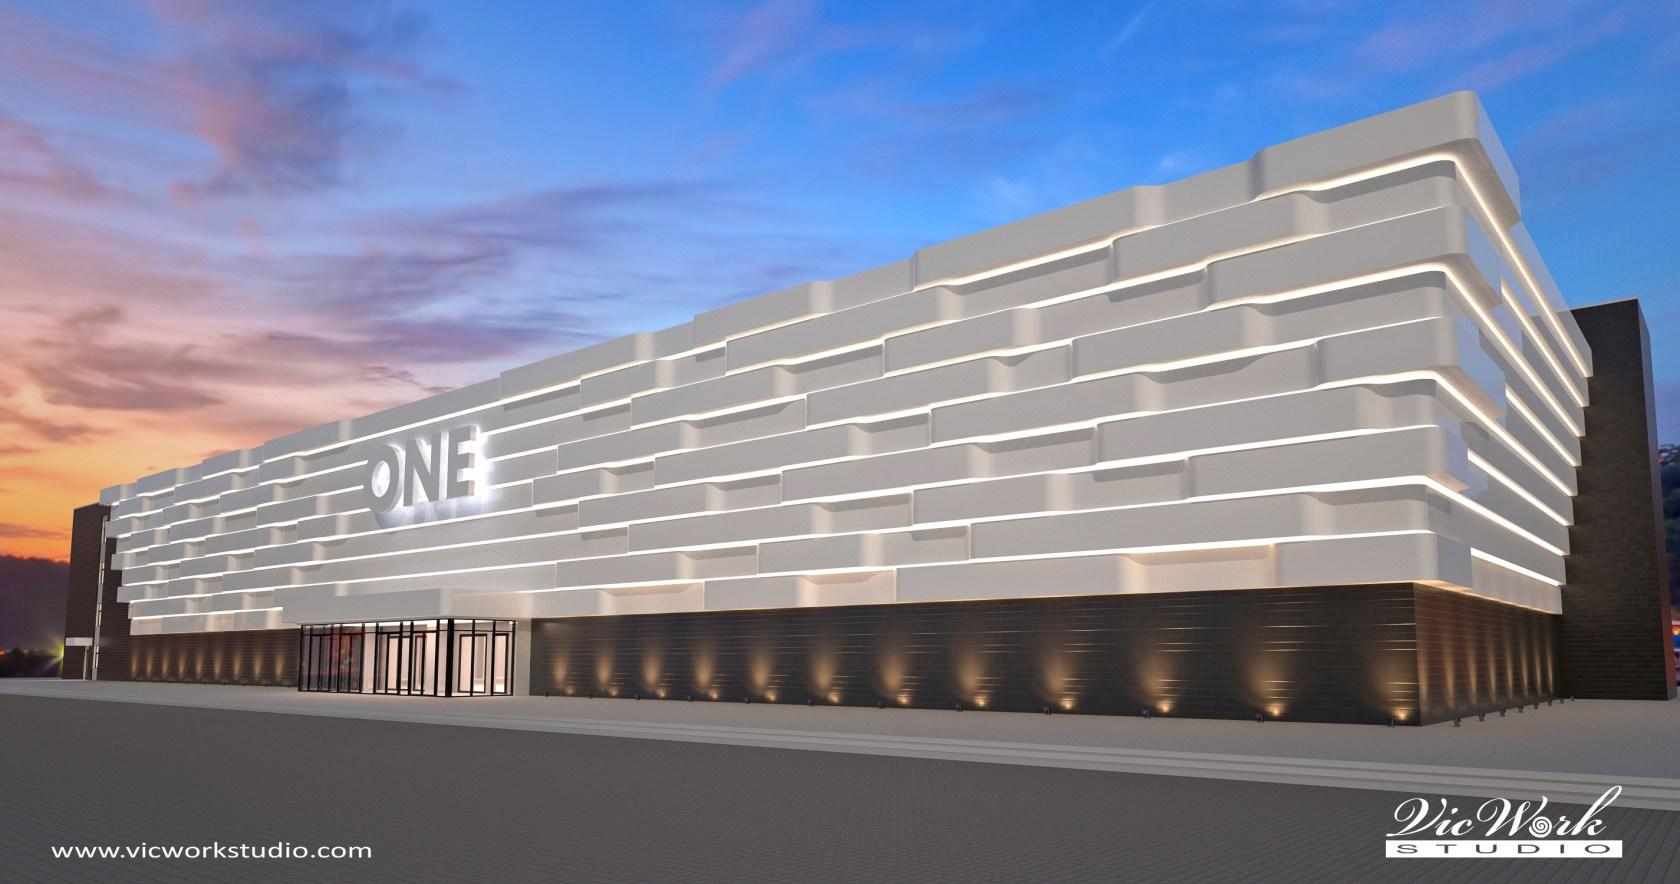 4 Concept Design Of Shopping Mall Facade - Architizer